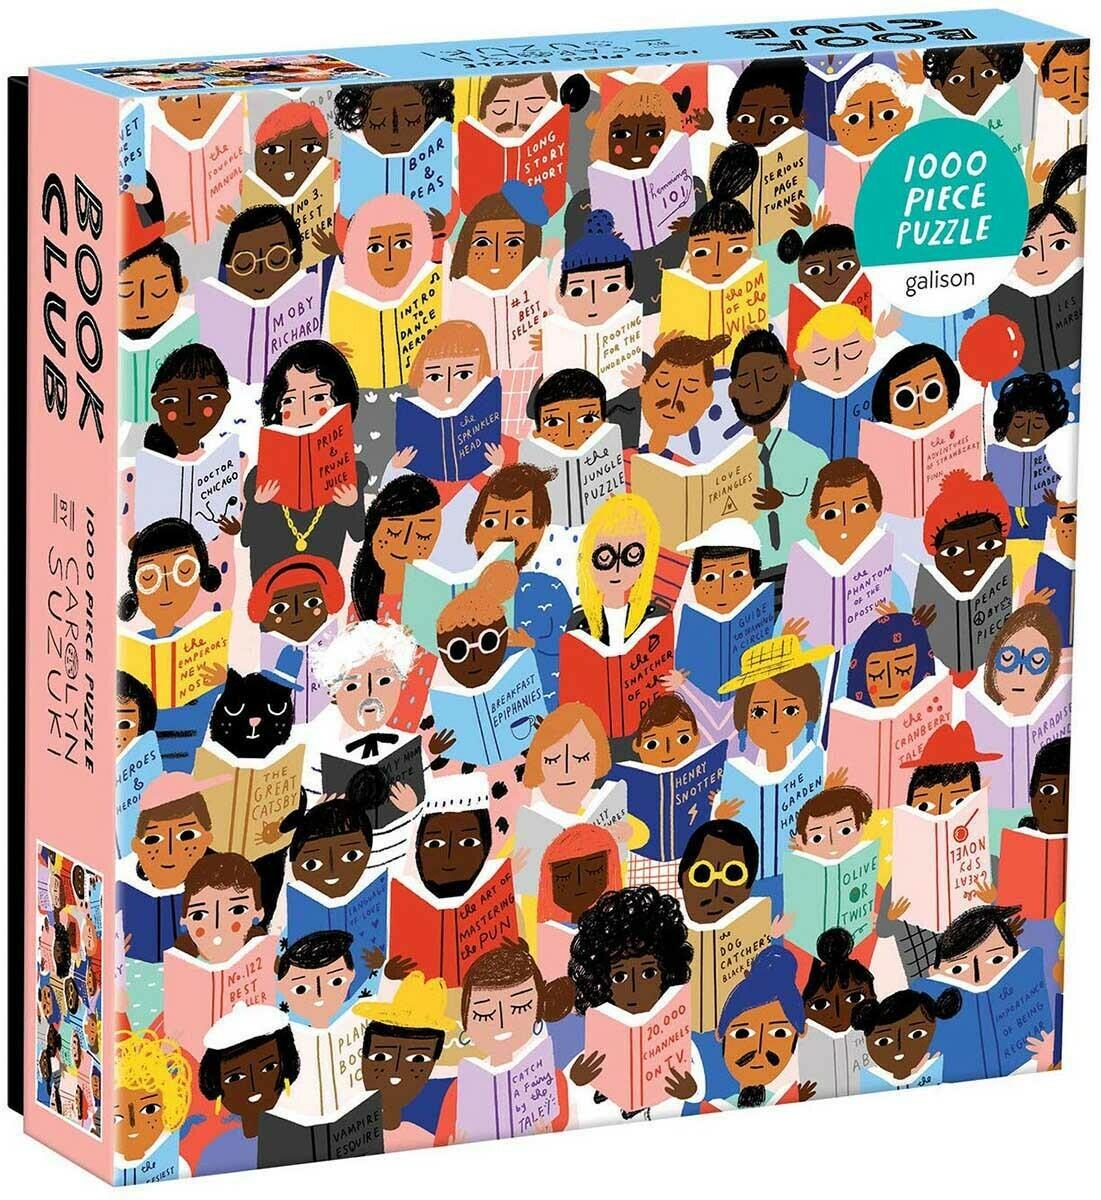 Book Club - Puzzle